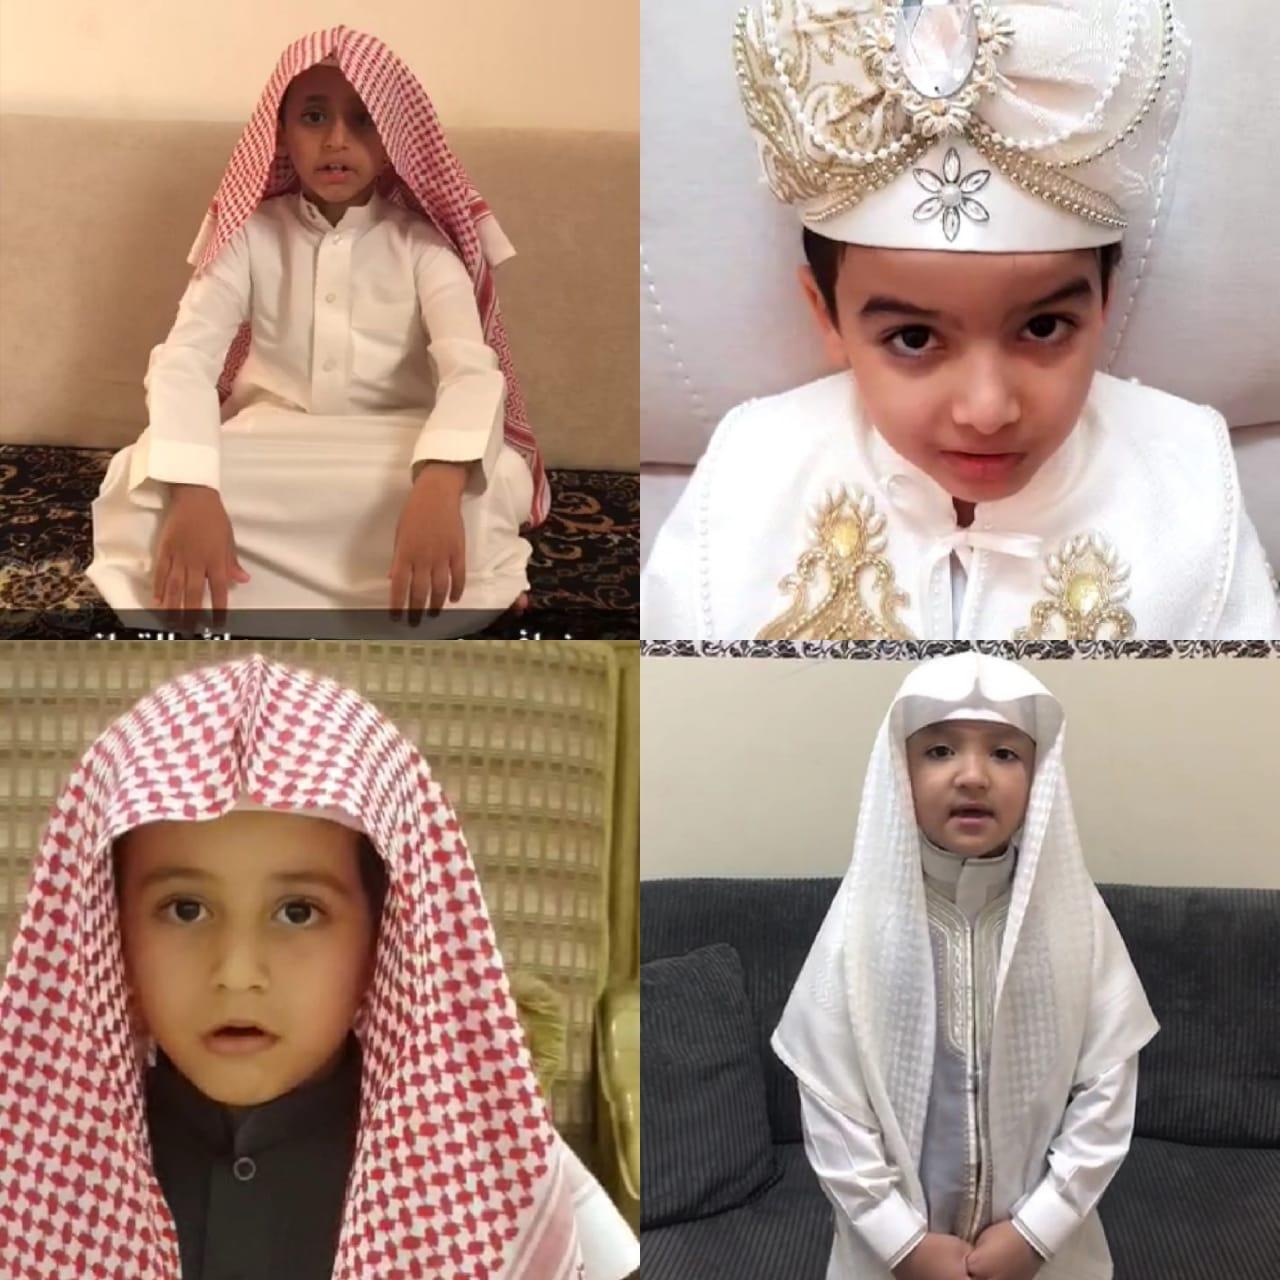 أكثر من 700 طفلا يشاركون في مسابقة القرآن الكريم بمكة